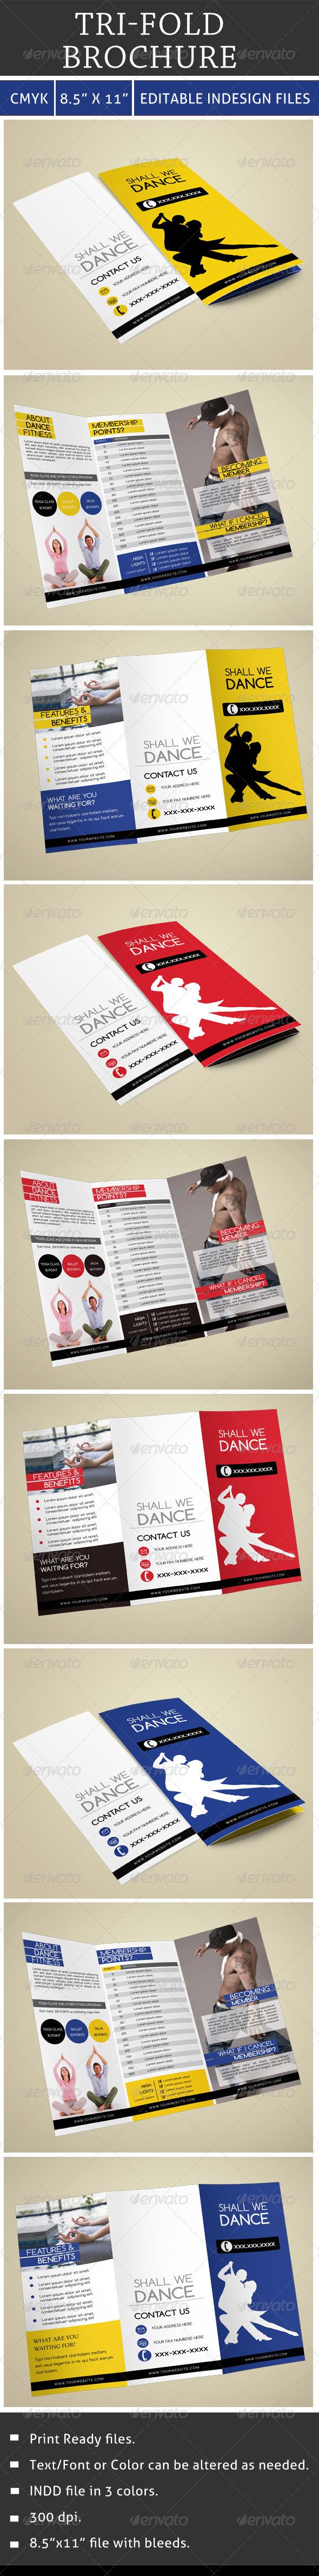 GraphicRiver Tri-Fold Brochure 6763683